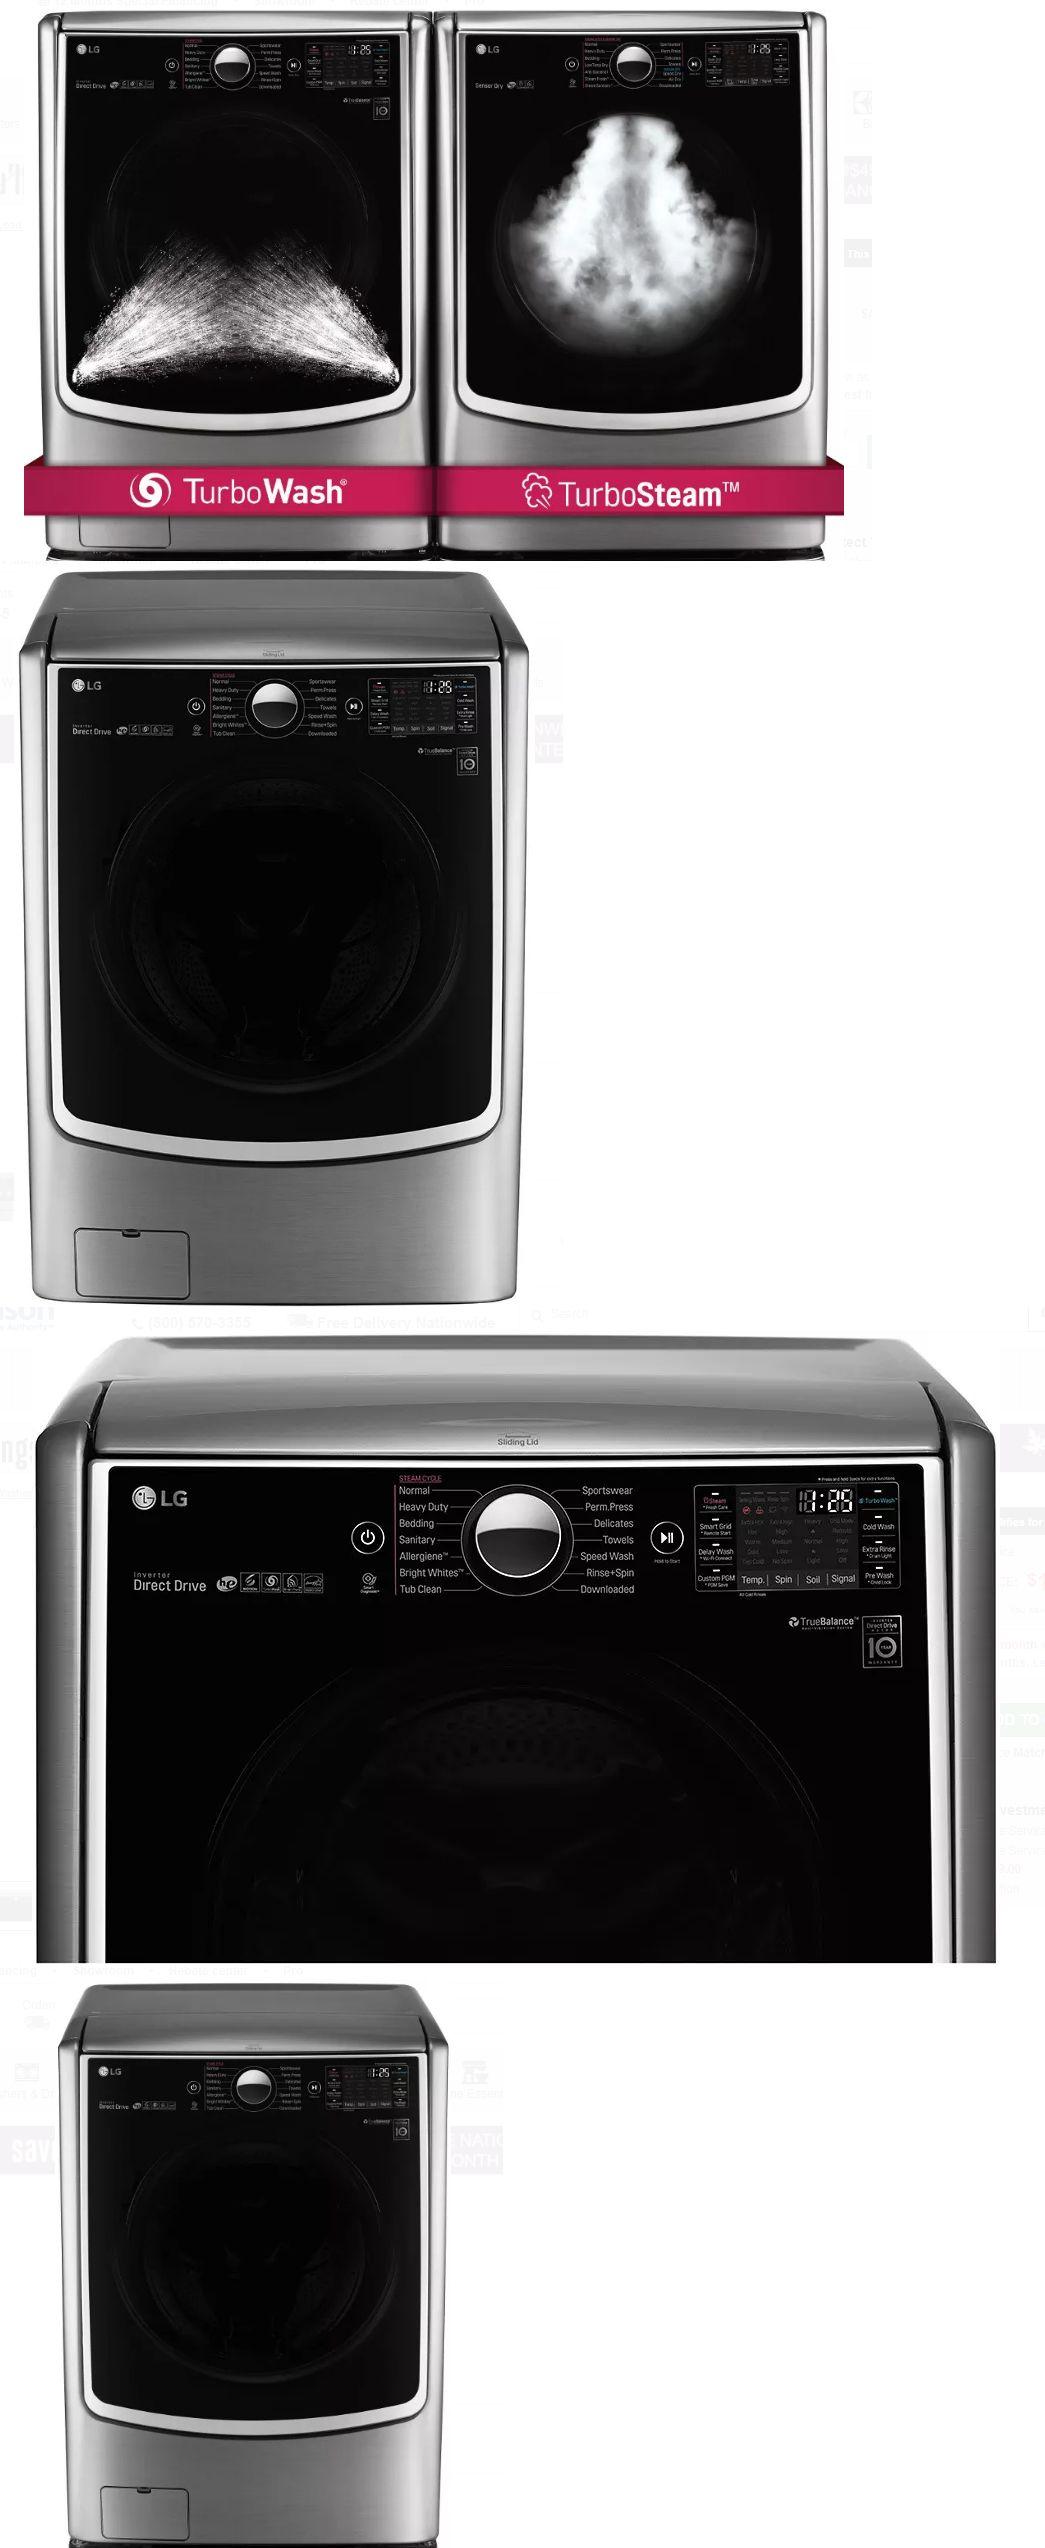 Dryers 71254 Lg Graphite Steel Wm5000hva Washing Machine Dlex5000v Dryer Laundry Bundle Buy It Now Only 1946 On Eb With Images Laundry Dryer Dryer Washing Machine